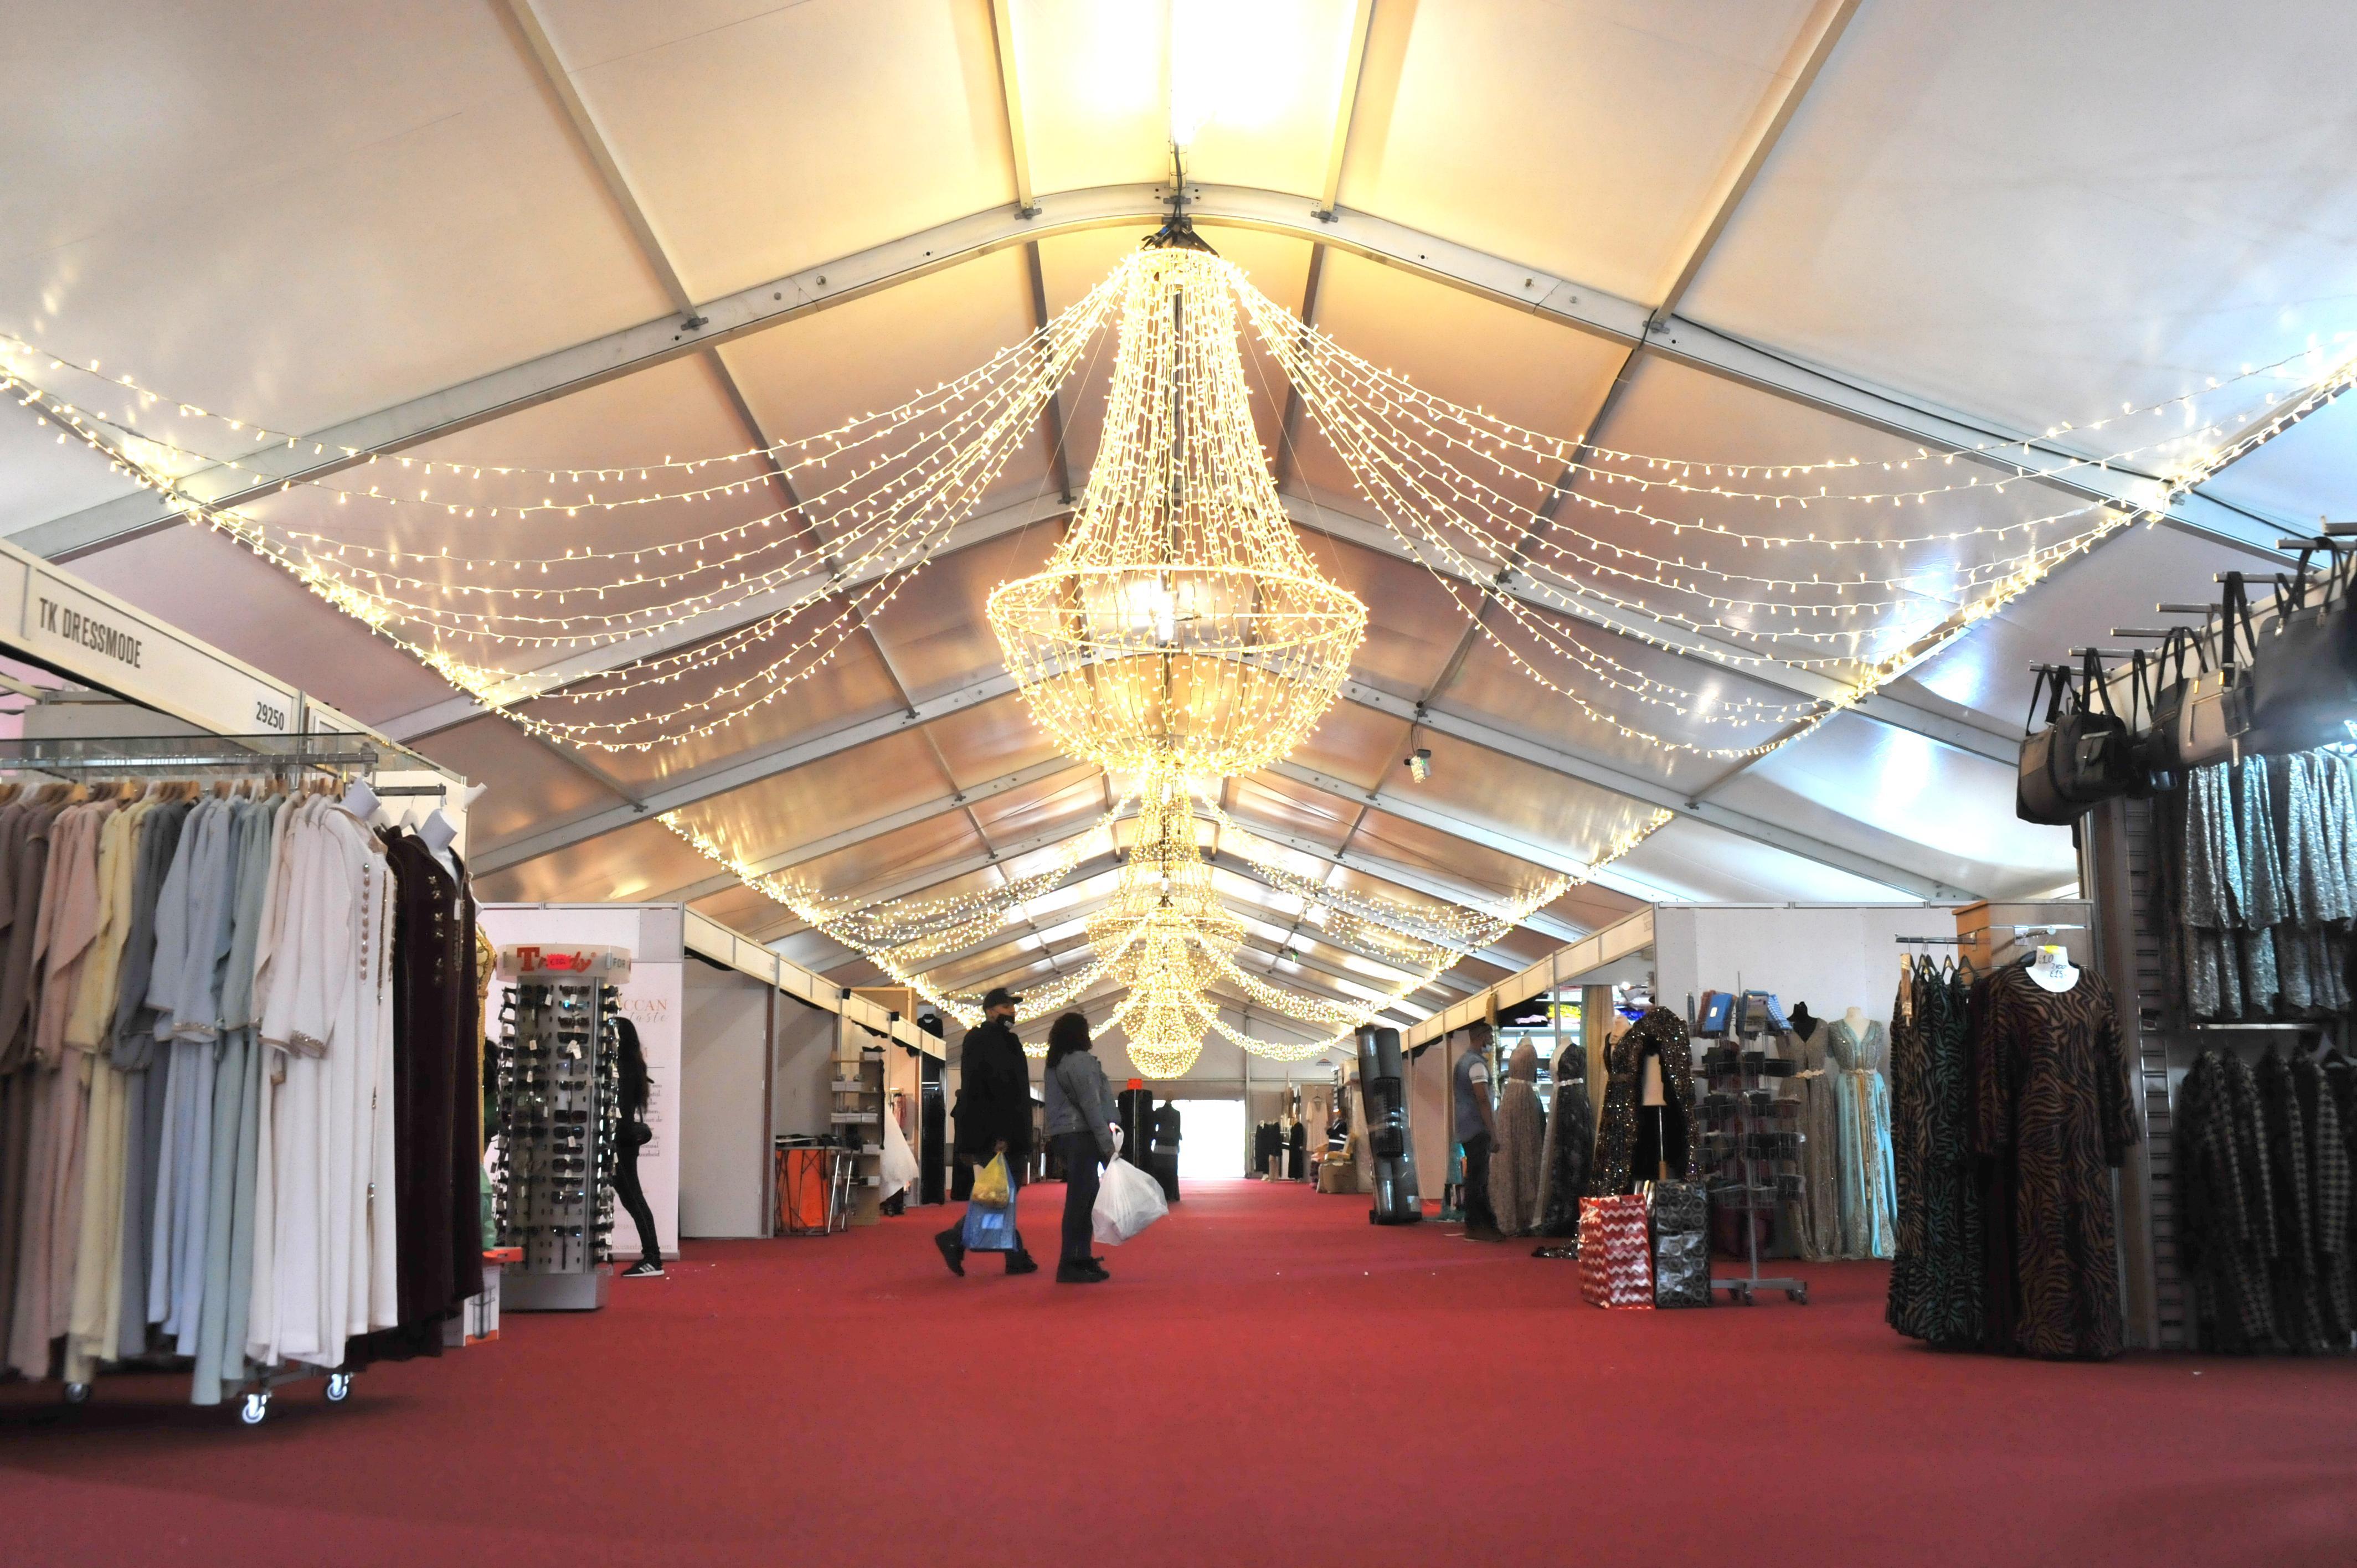 Nieuwe hal van de Bazaar vind ik heel mooi en ruim, maar de bezoekers moeten het nog vinden